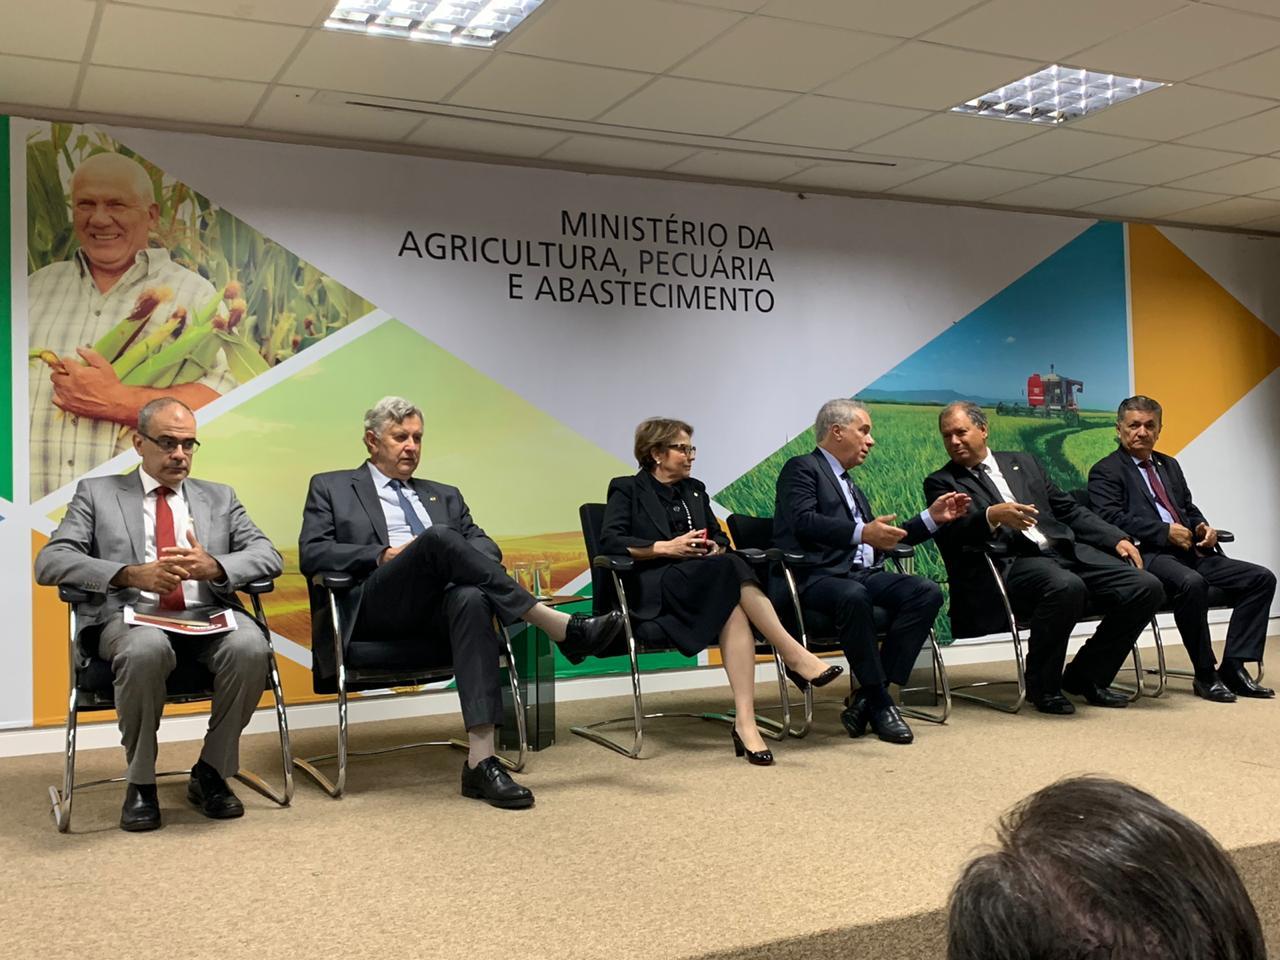 Abinpet discute defesa agropecuária e tributação no MAPA.